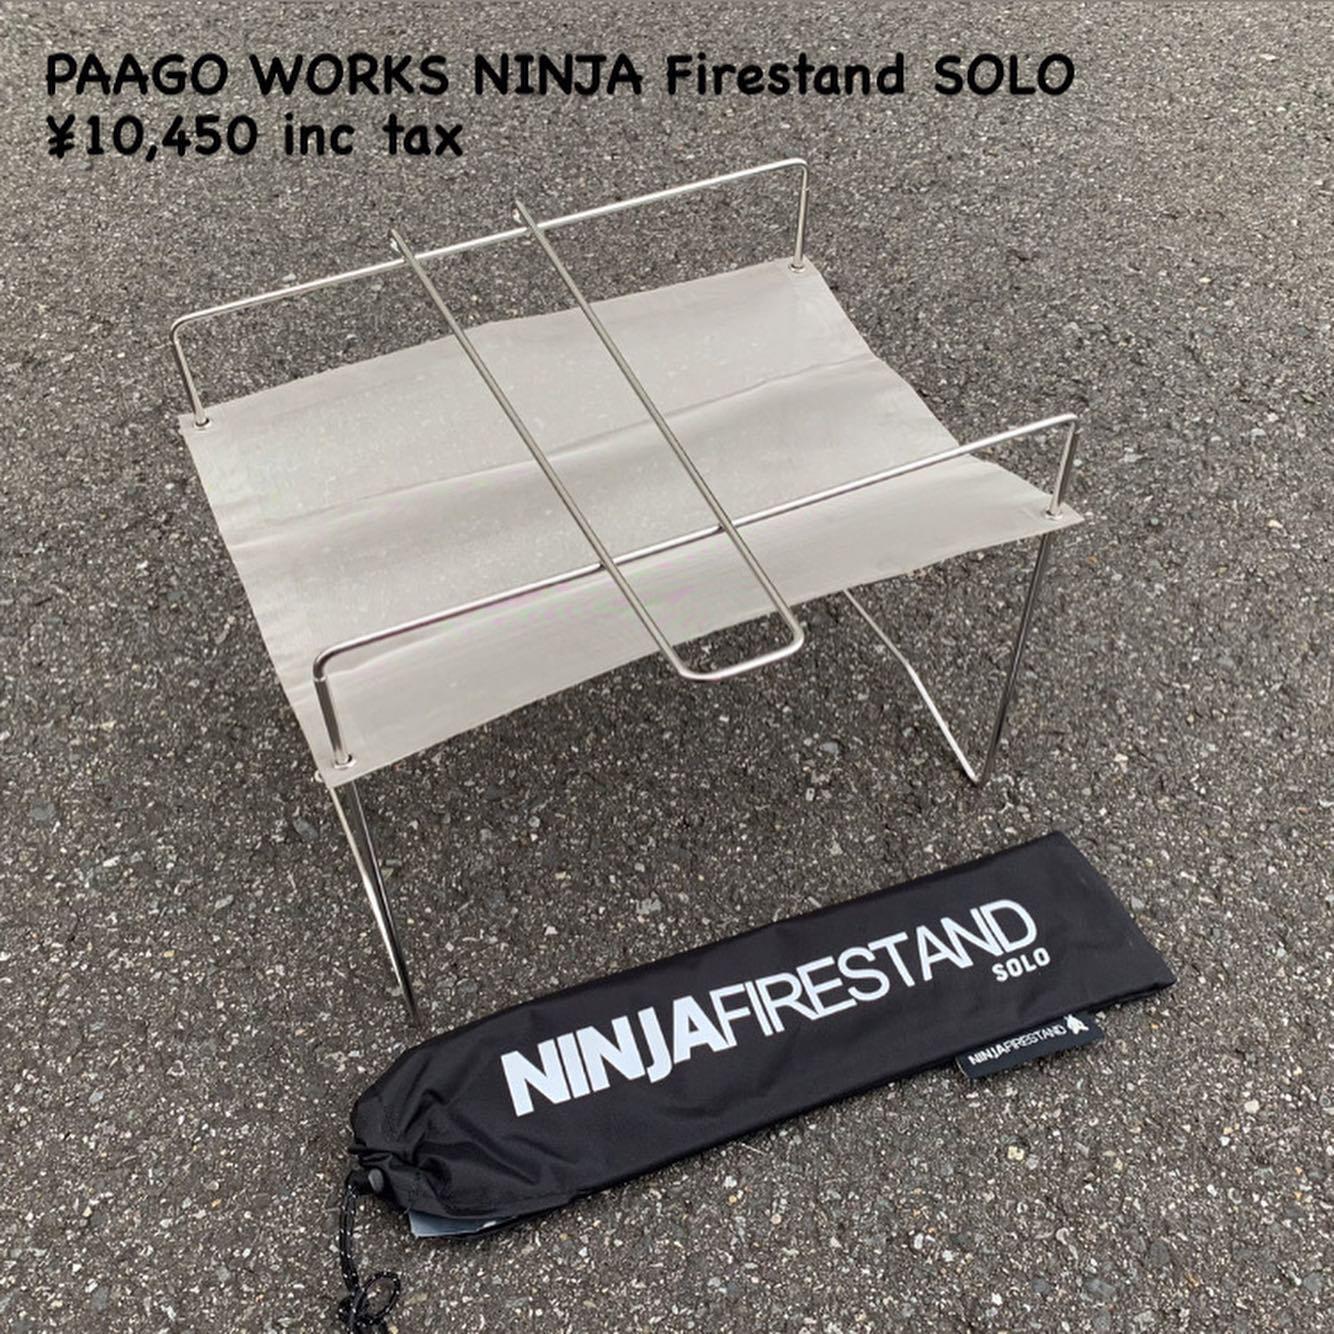 最軽量クラスの焚火台『PAAGO WORKS ニンジャ ファイヤースタンド ソロ』のご紹介